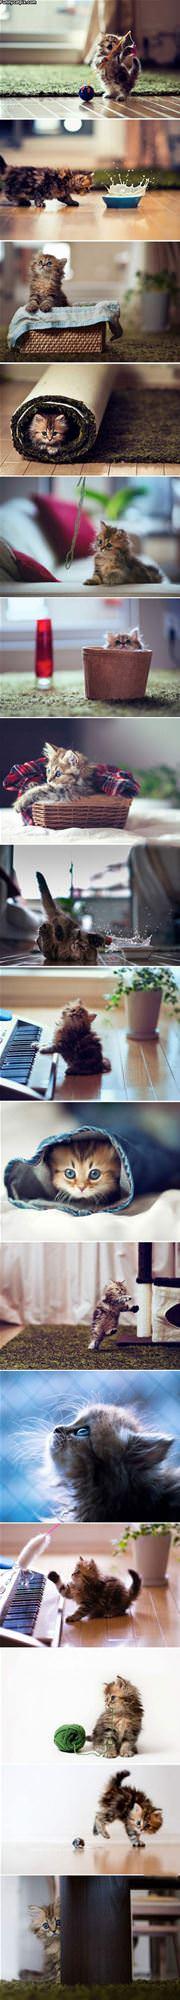 This Kitten